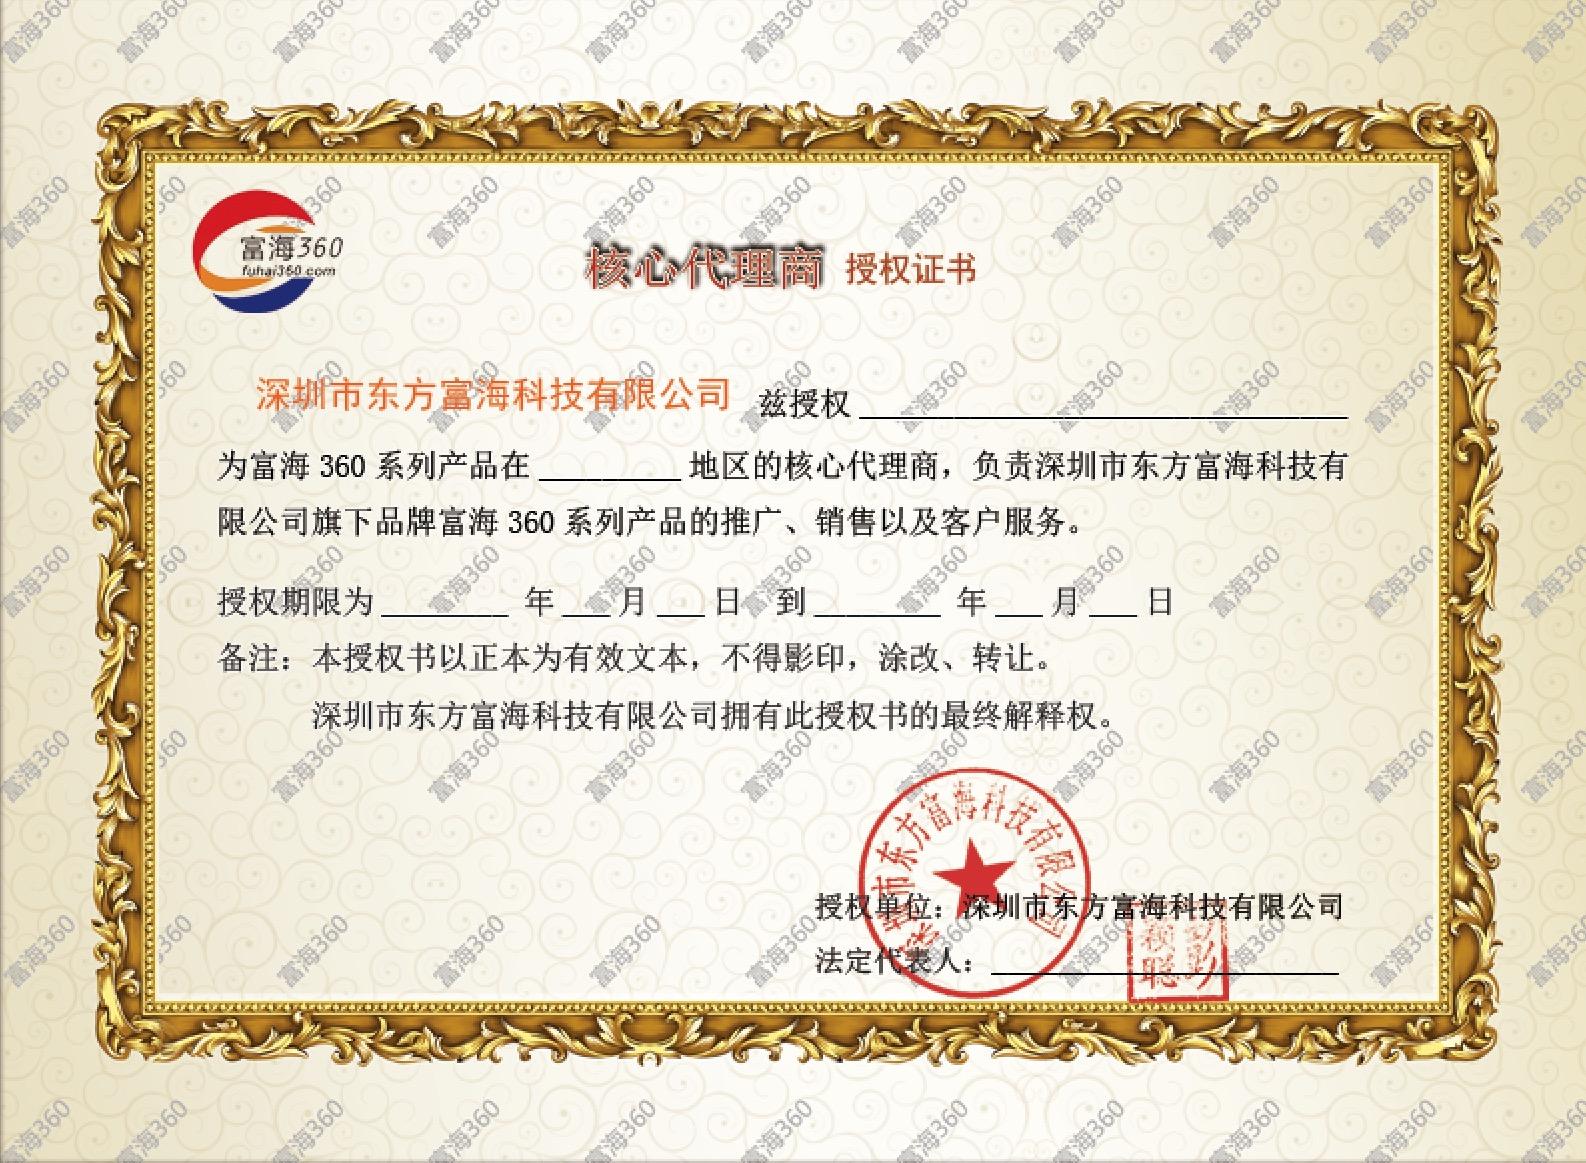 深圳市东方富海科技有限公司